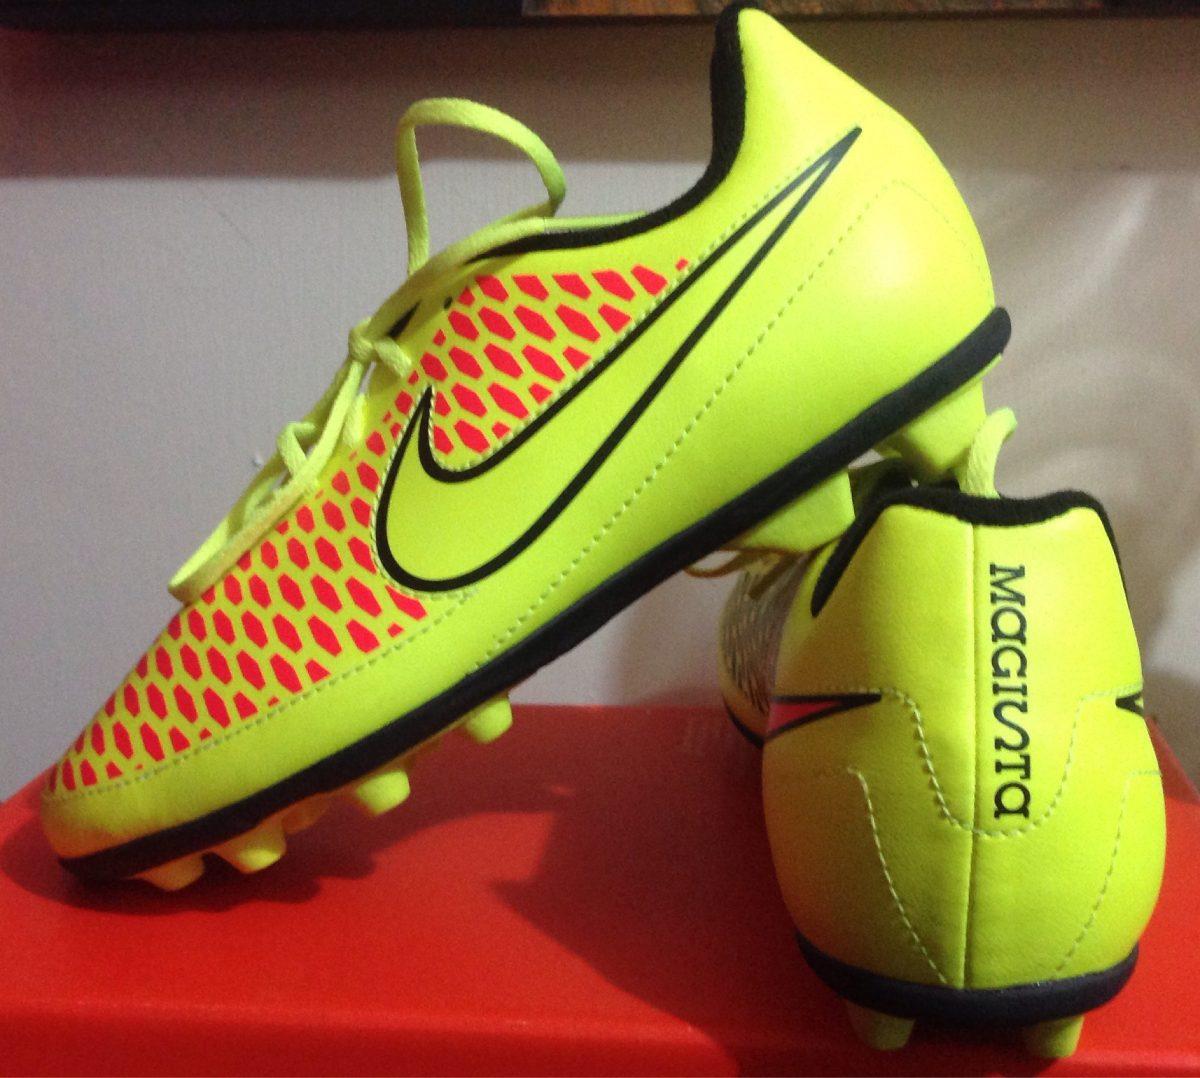 Tacos Futbol Soccer Magista Nike Niño N1 Tachones Taquetes - $ 1,250.00 en Mercado Libre